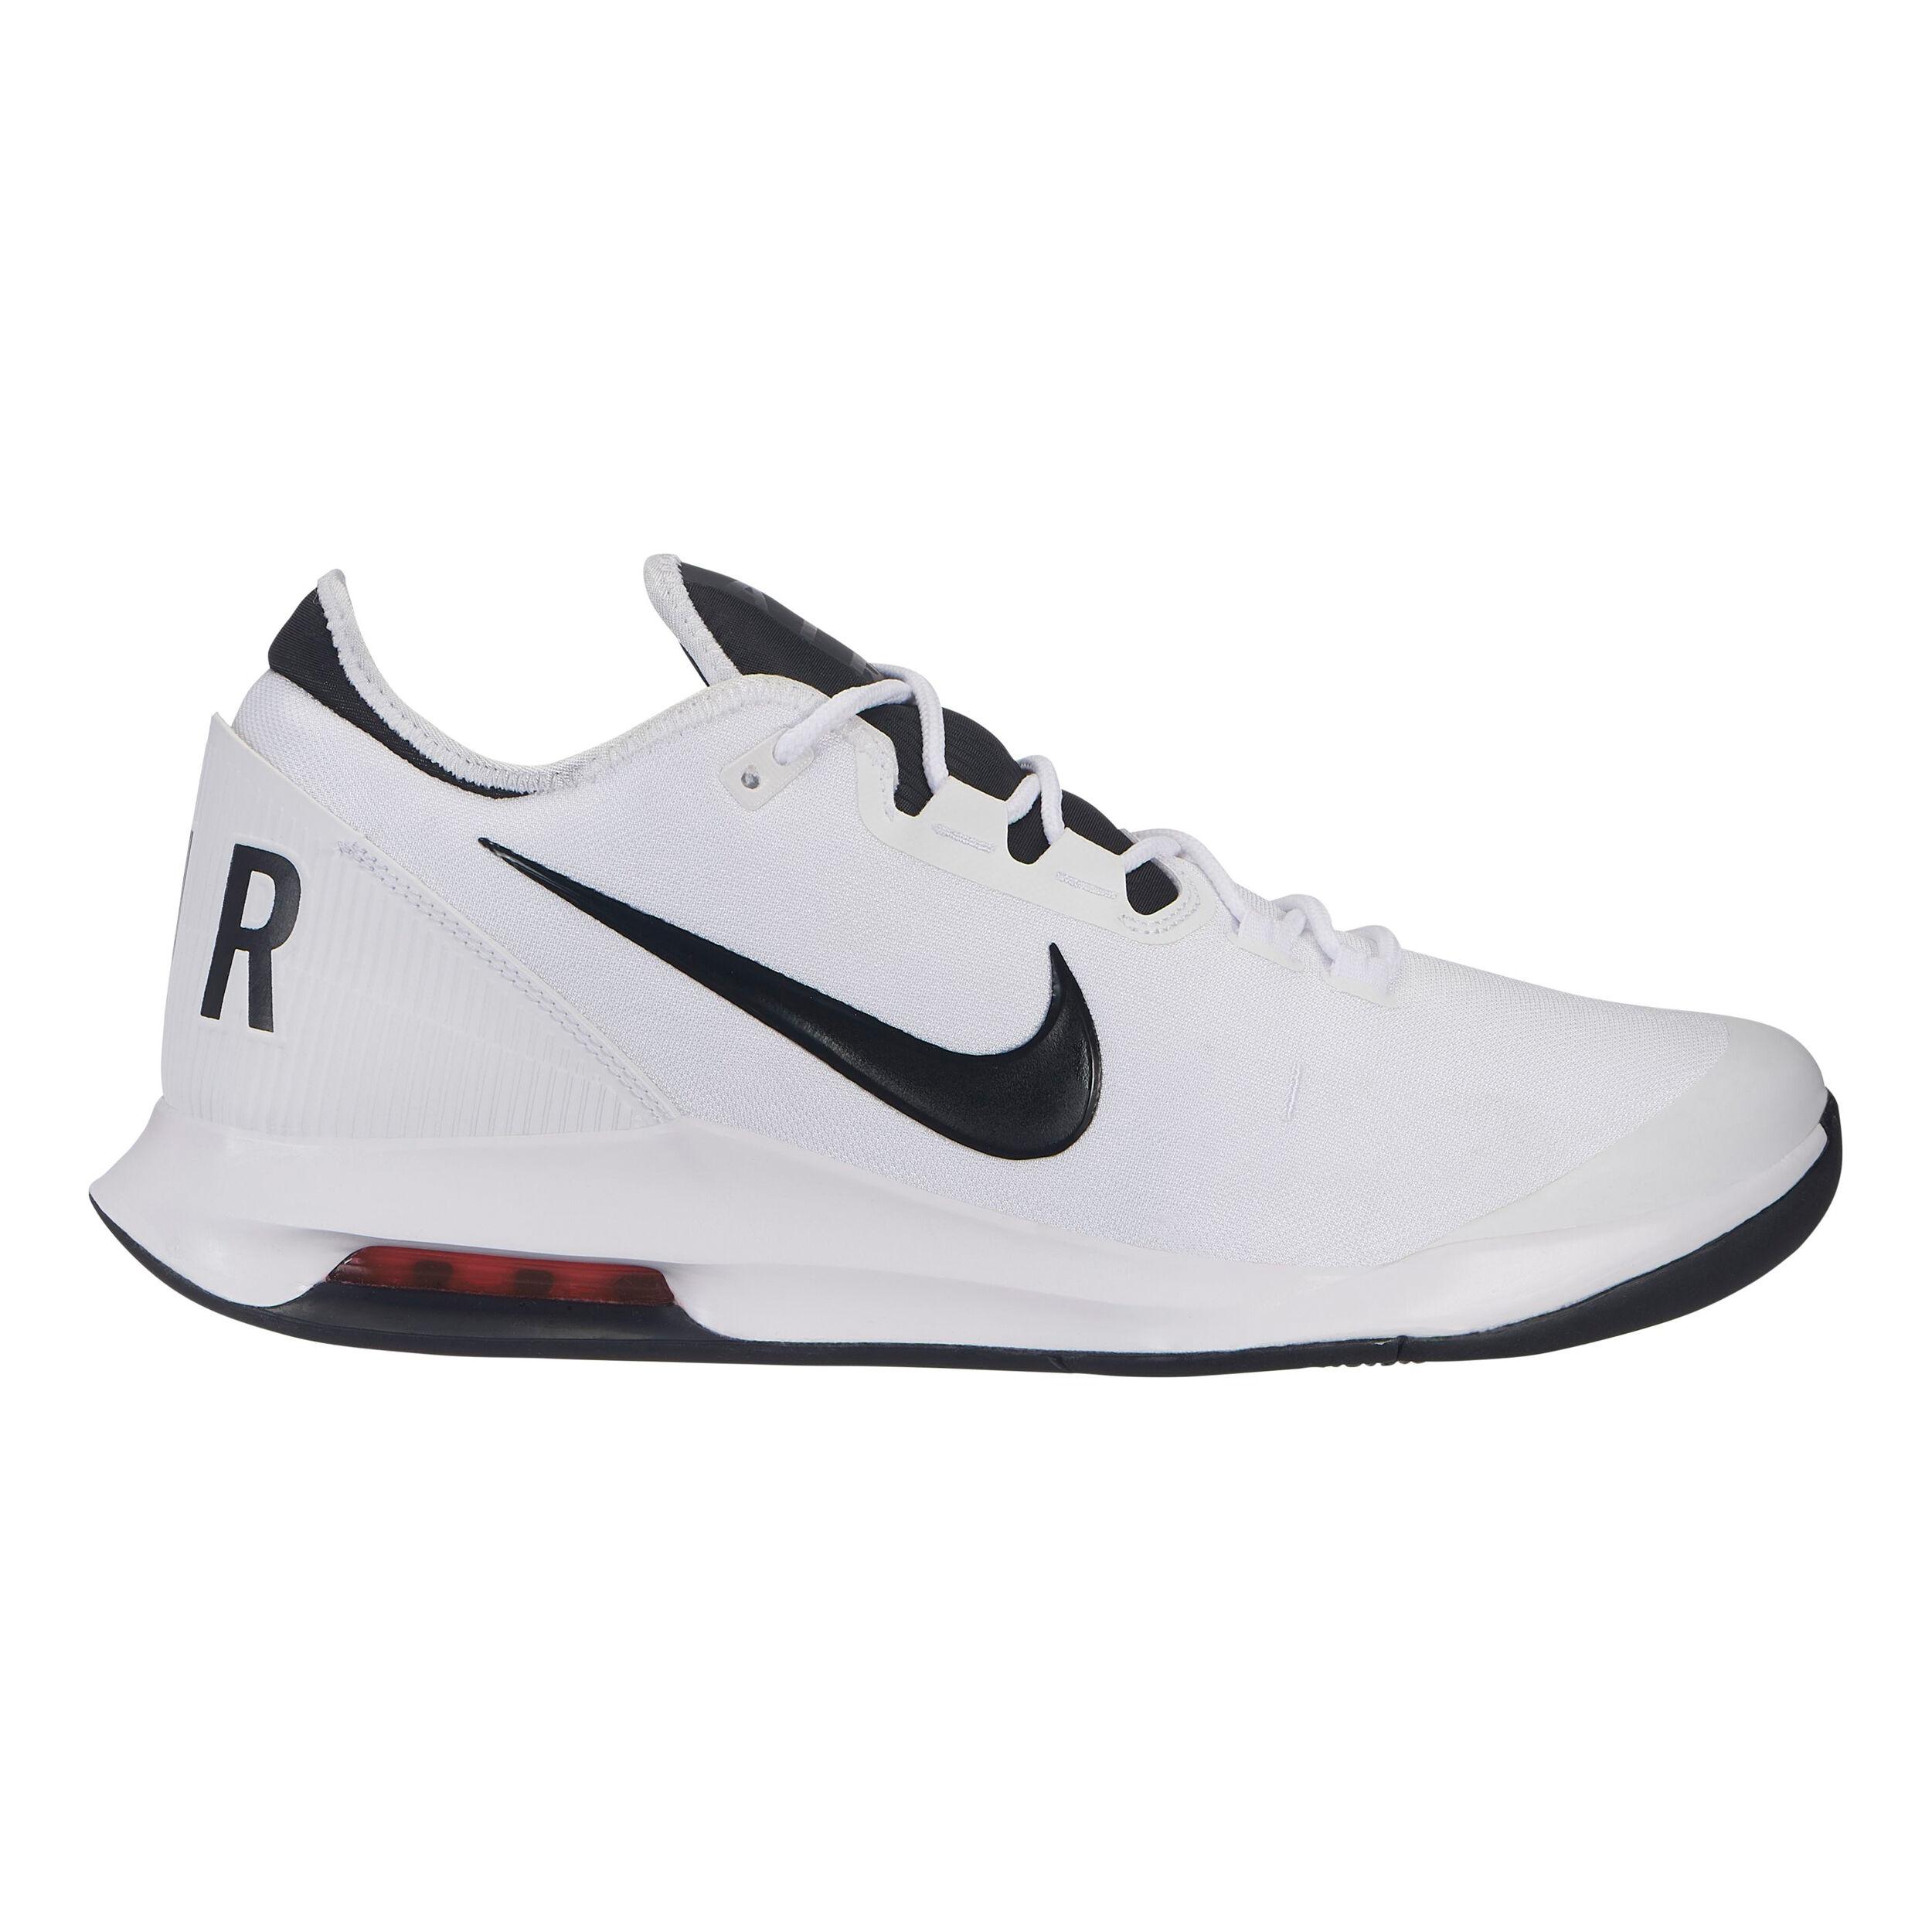 Nike Air Max Wildcard Chaussure Tout Terrain Enfants Blanc